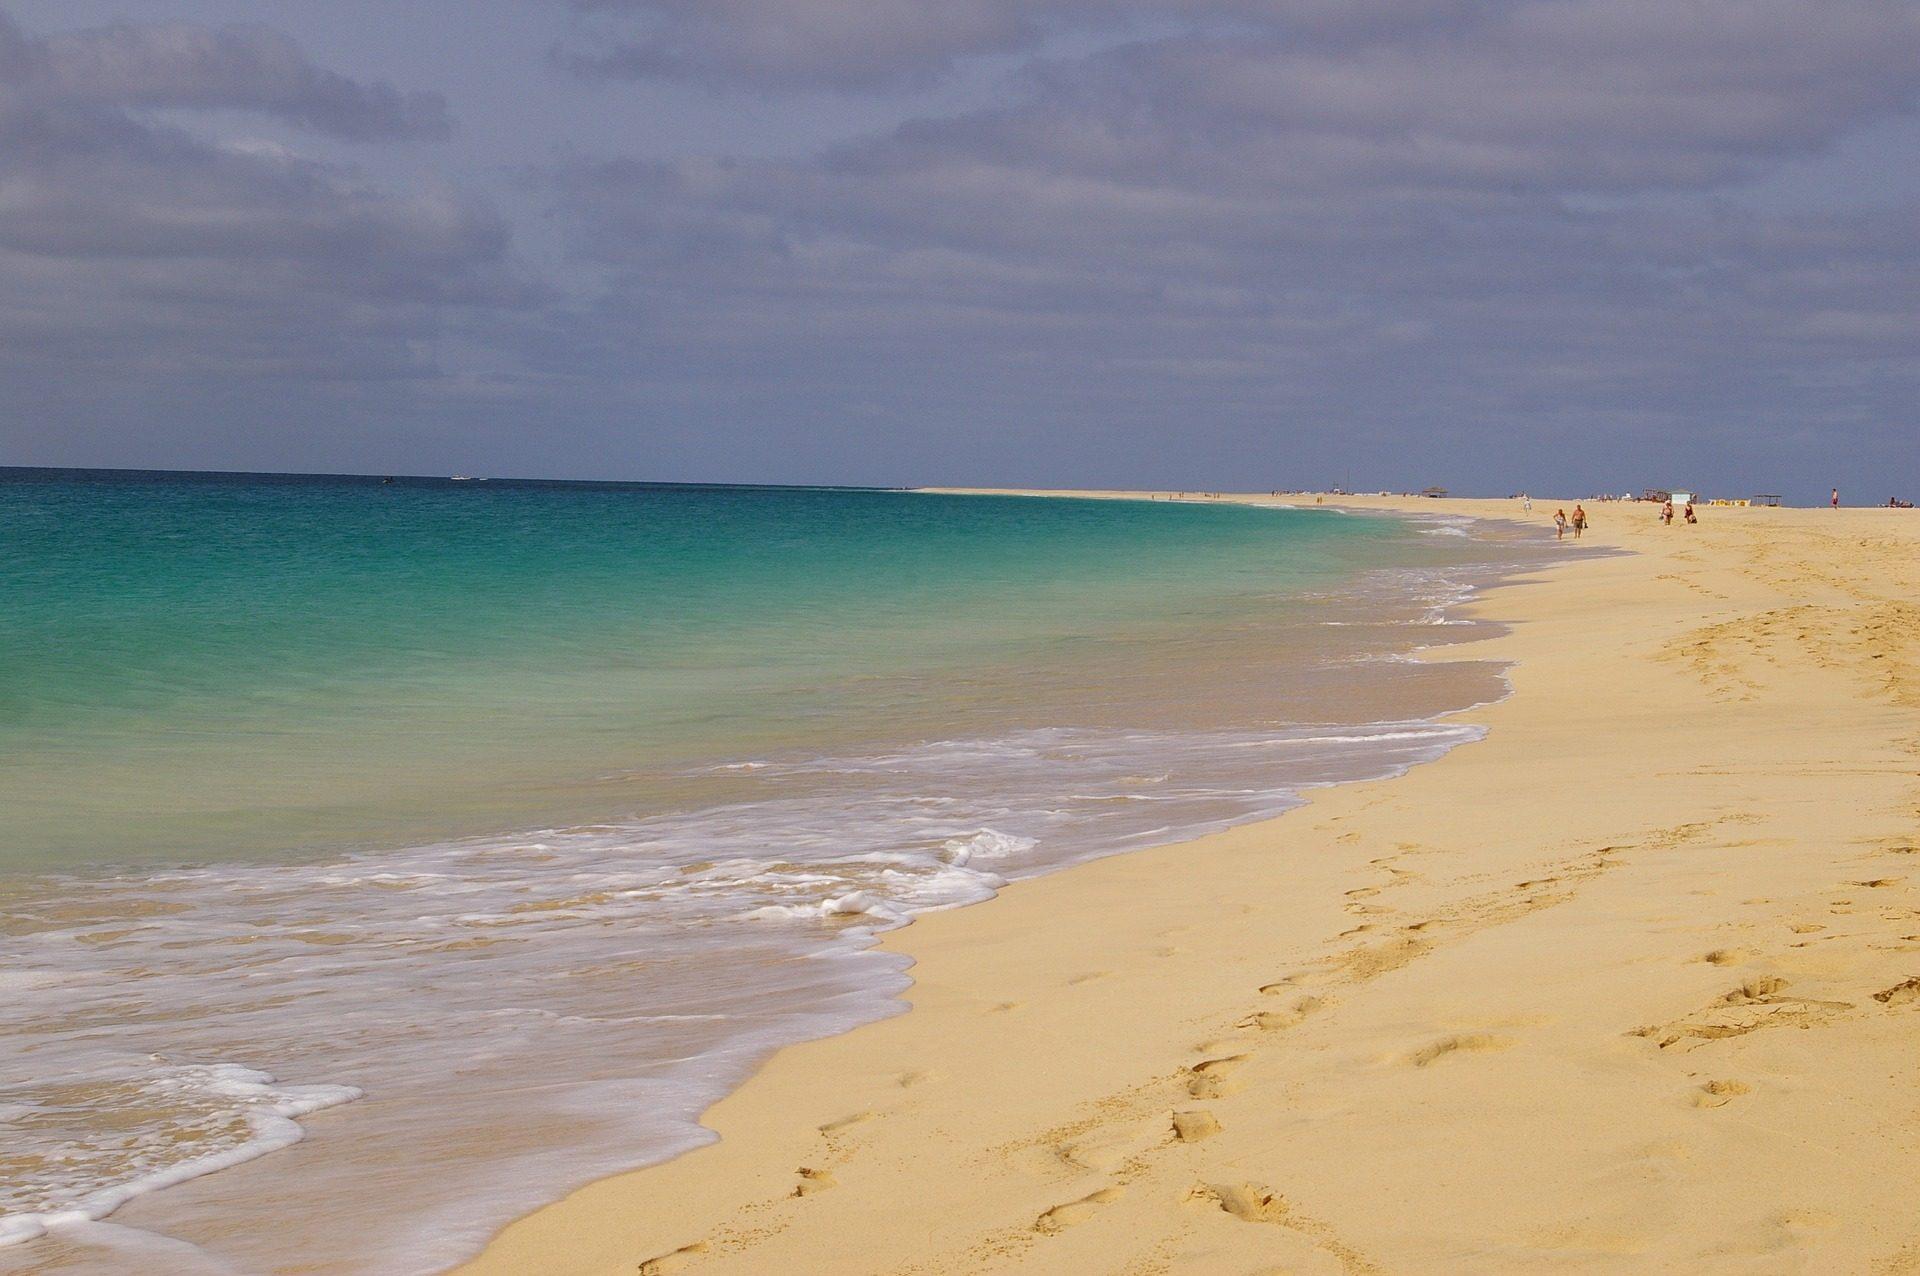 Kap Verde Kurzurlaub 5 Nächte ab 381,00€ - Fliegen Sie mit Condor zum Discounter Preis 1